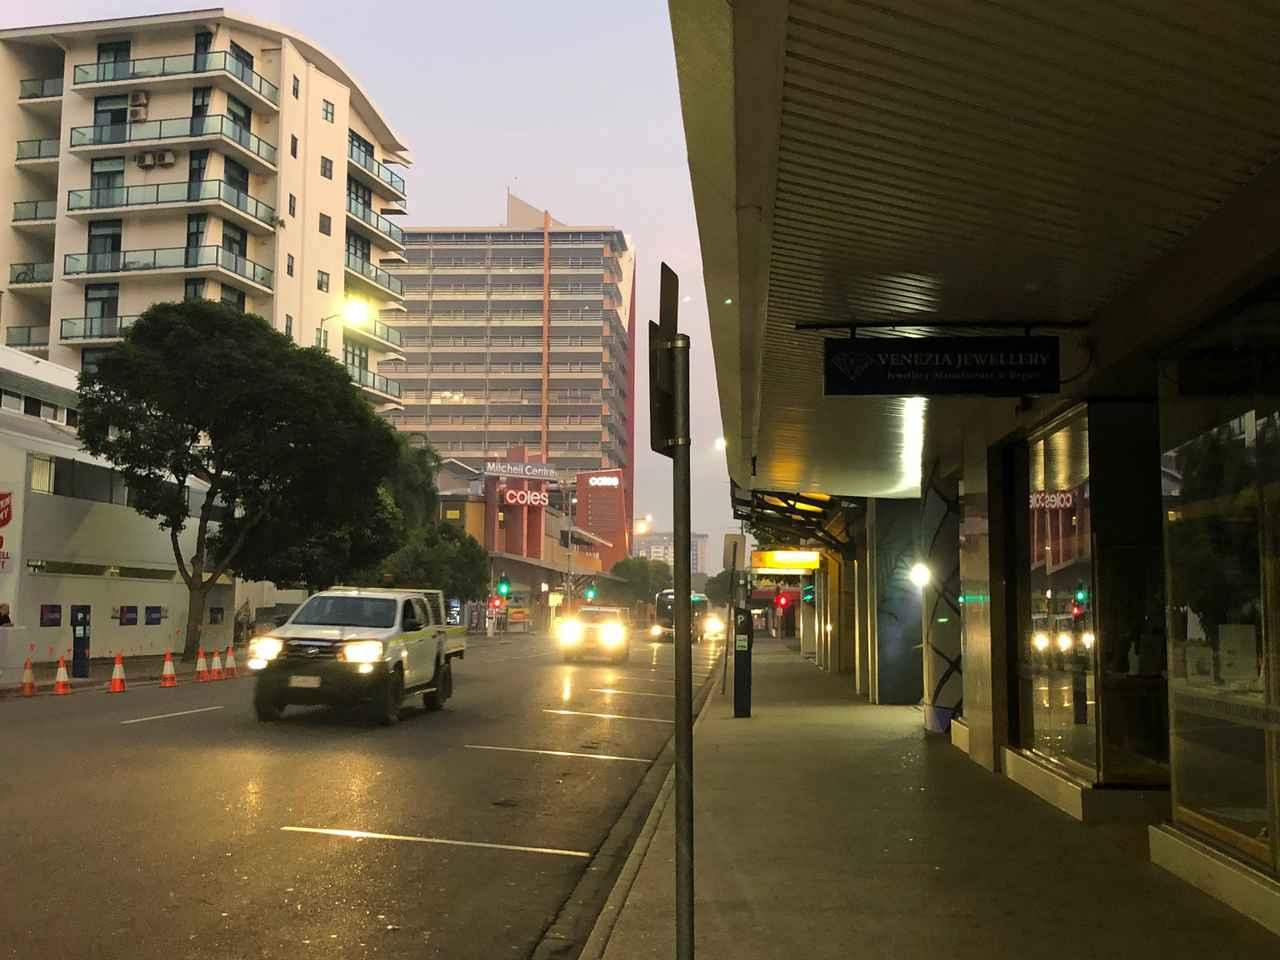 画像: ダーウィンに到着!一度ホテルにチェックインをします。 ご宿泊はデラックスクラスのヒルトンでした。 スーパーも徒歩2分にありとても便利♪